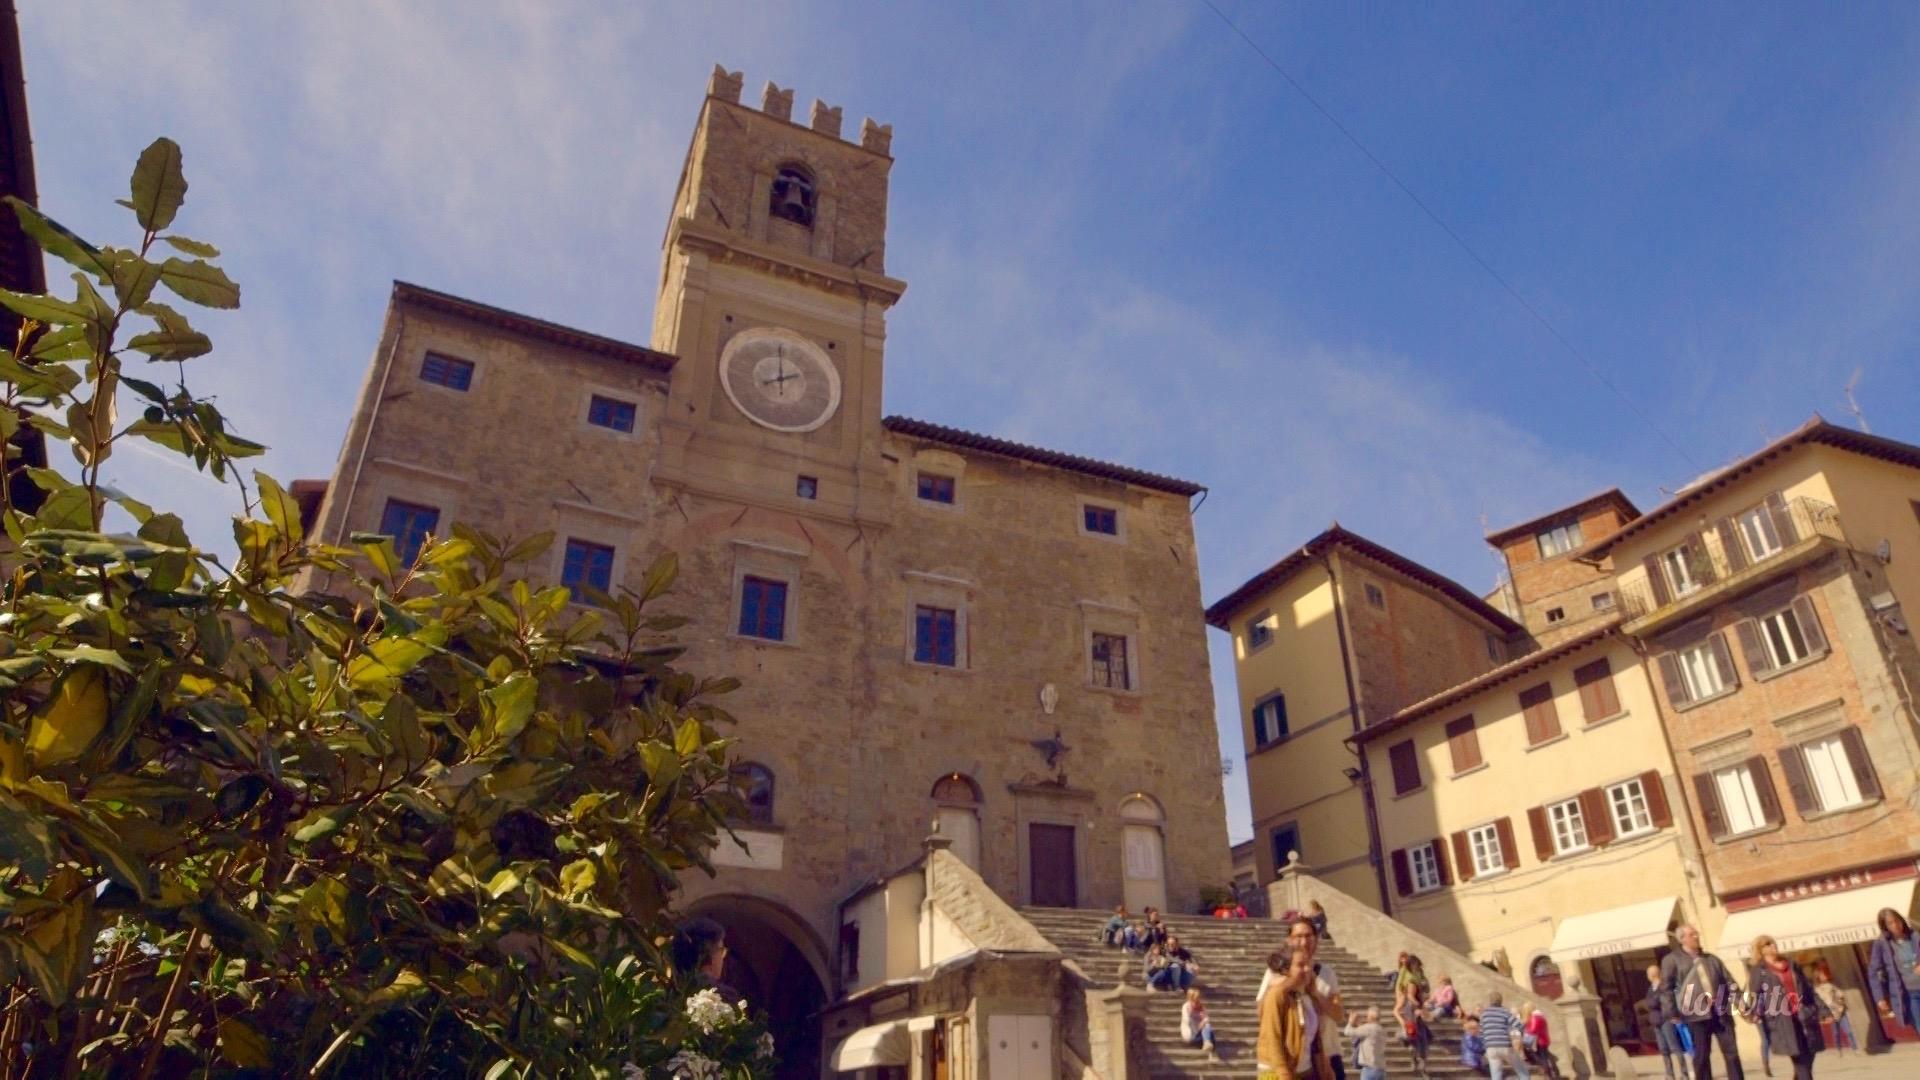 'Benvenuti a Cortona', al via collaborazione fra Comune, commercianti e Camera di Commercio